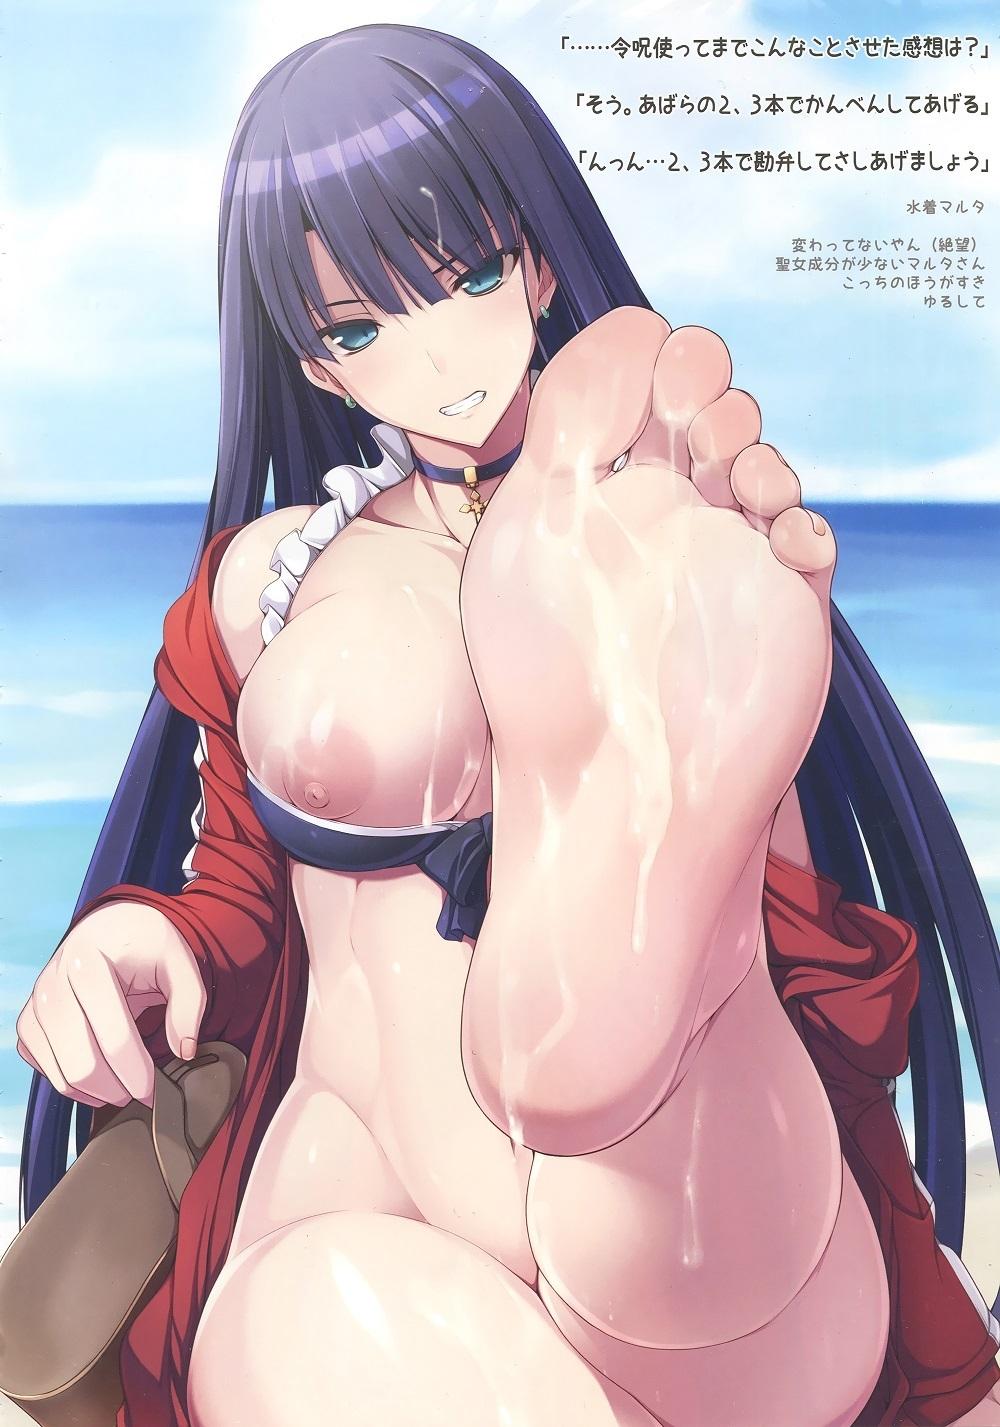 【二次元】水着マルタの足裏ぶっかけエロ画像【Fate/GO】